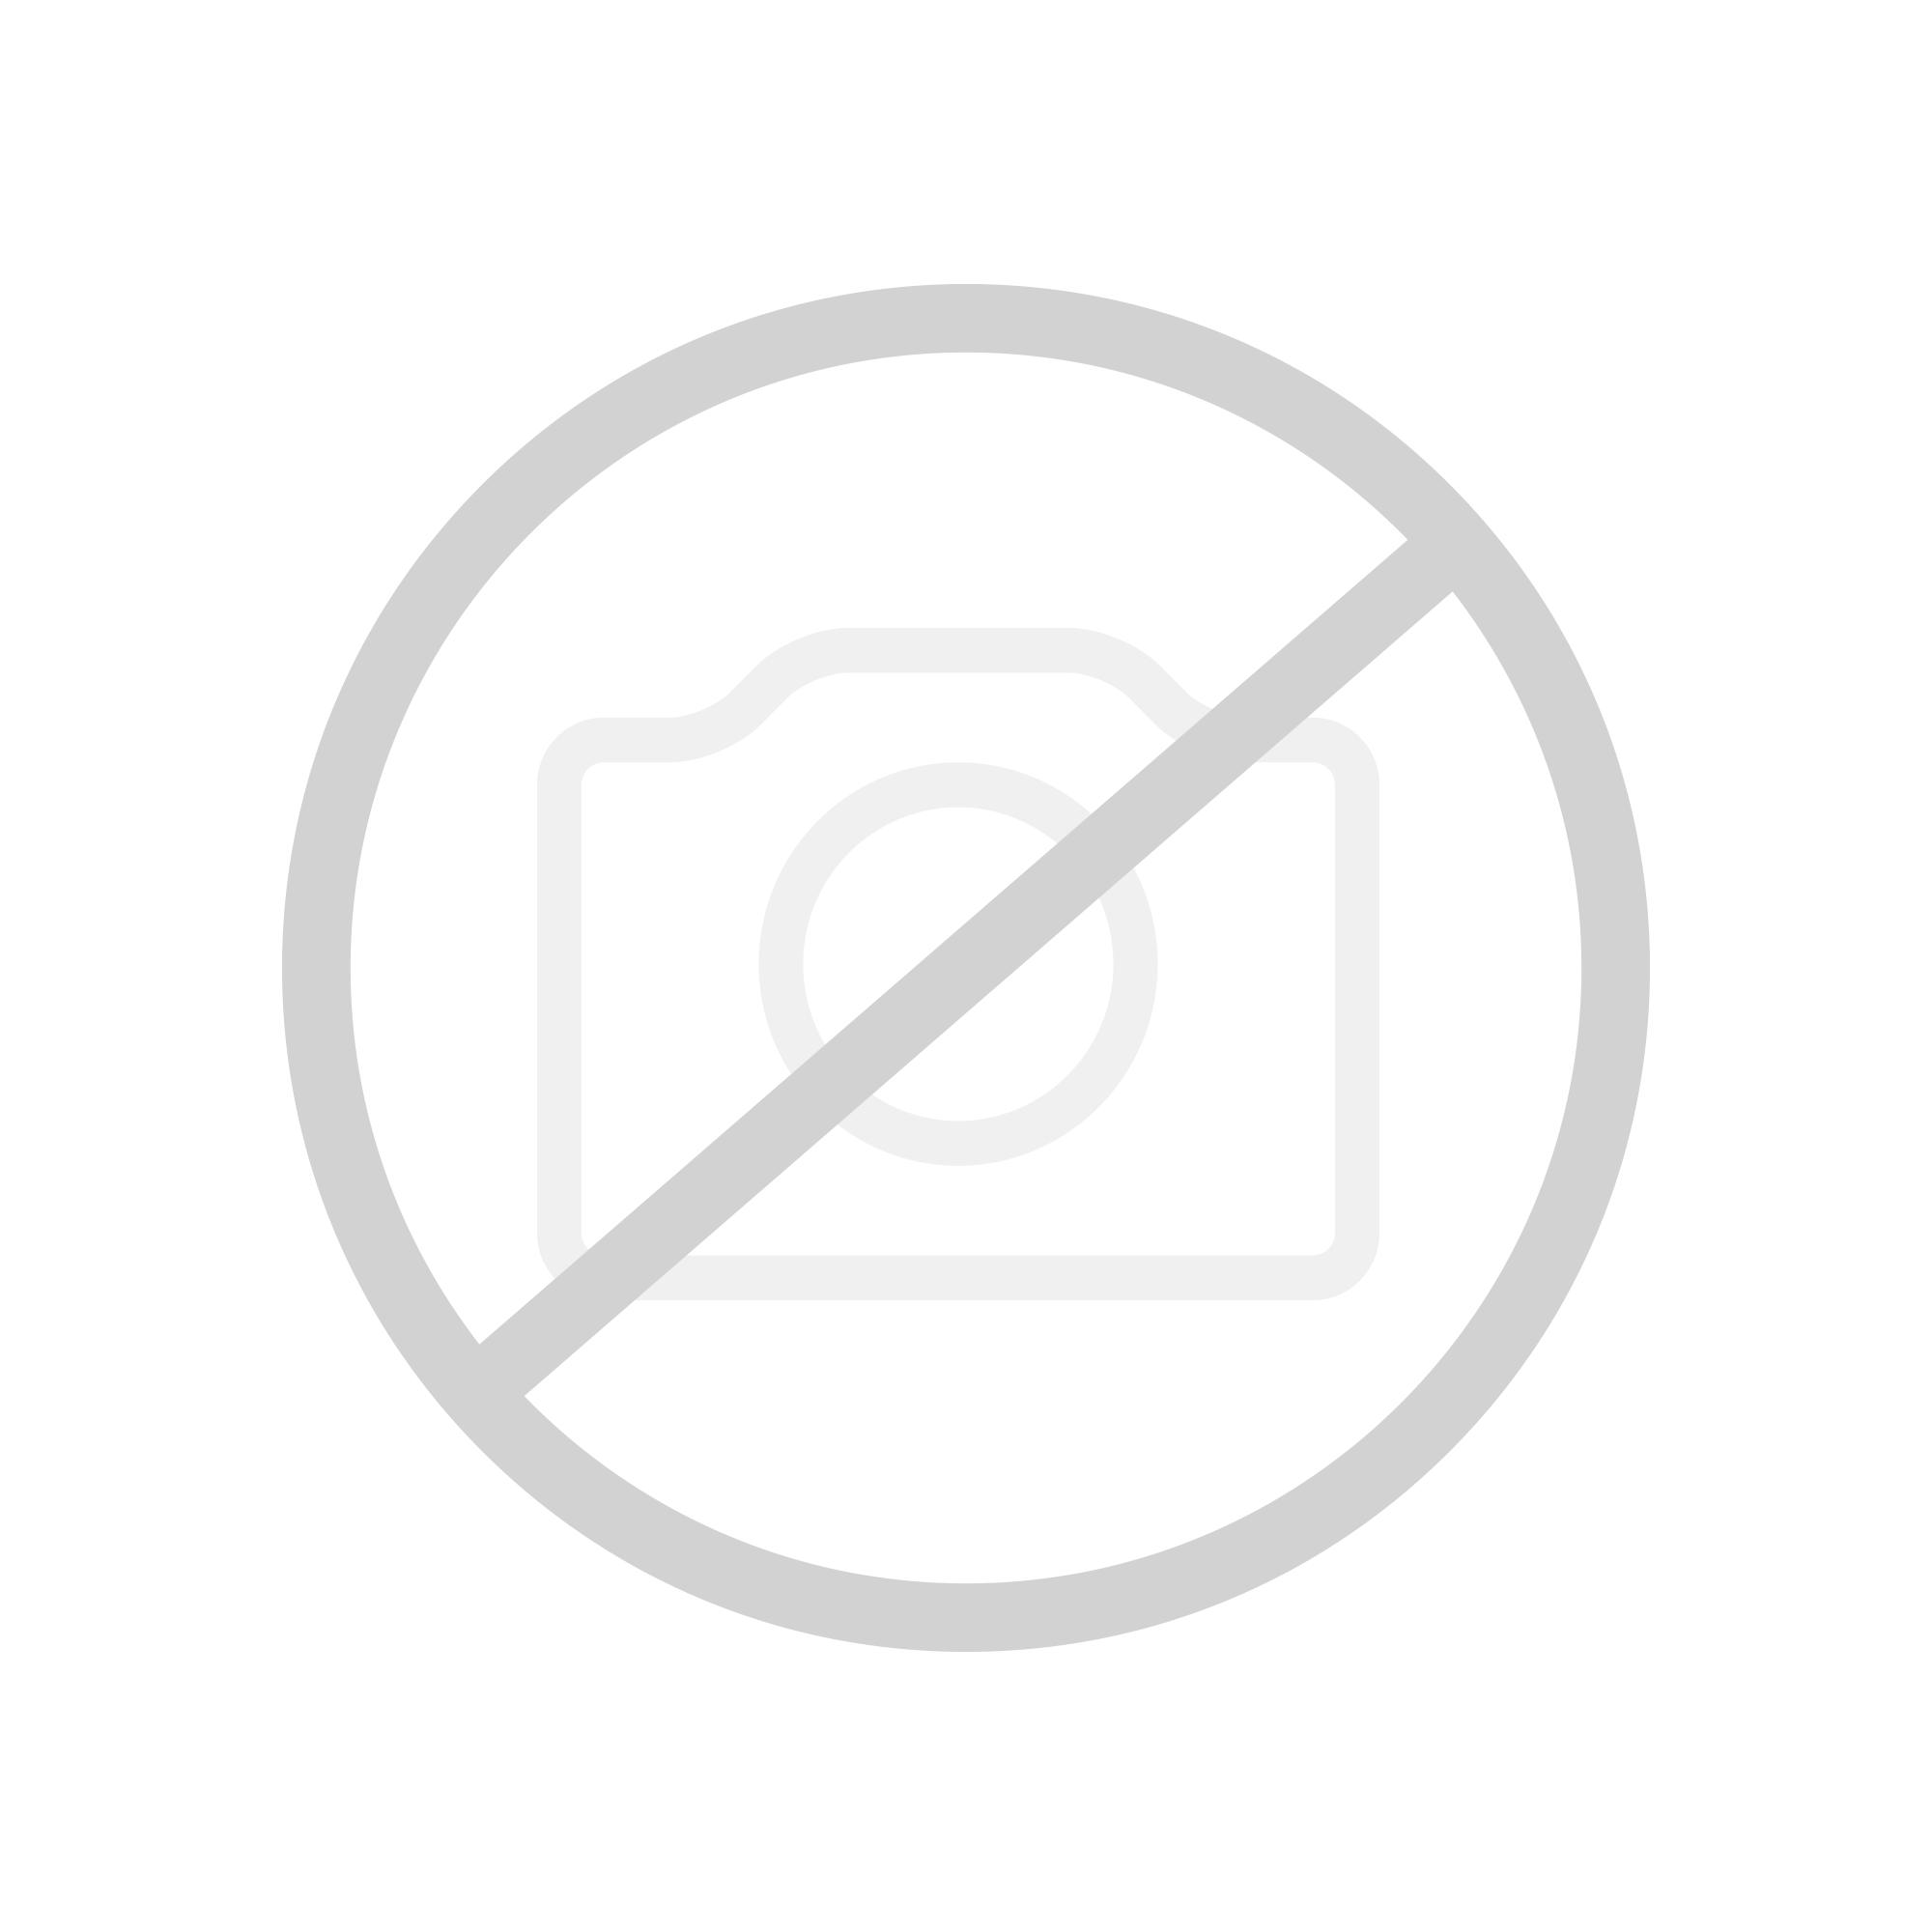 Bäder In Grautönen Einrichten   So Gehtu0027s | REUTER Magazin